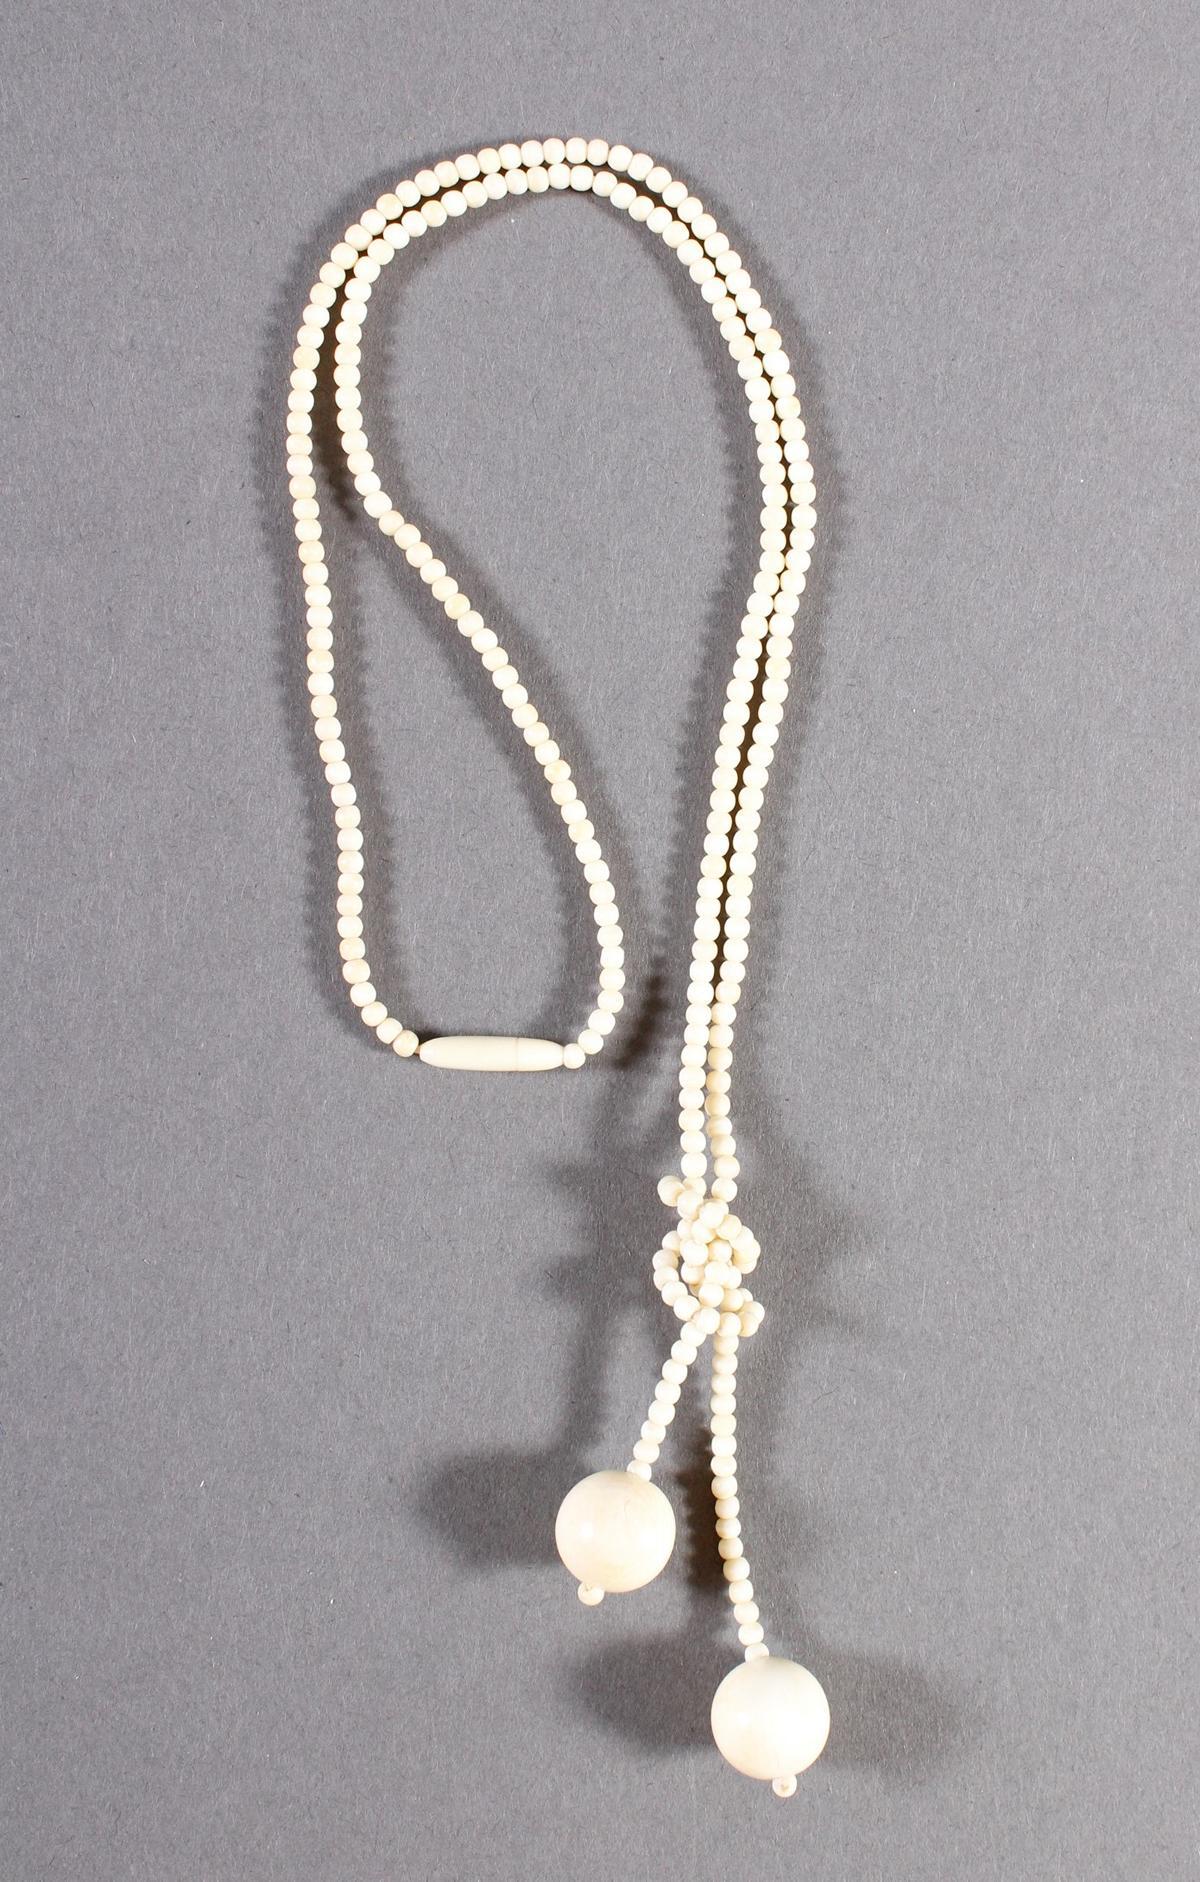 Halskette, Elfenbein, Charlestonkette, Deutsch um 1920-2